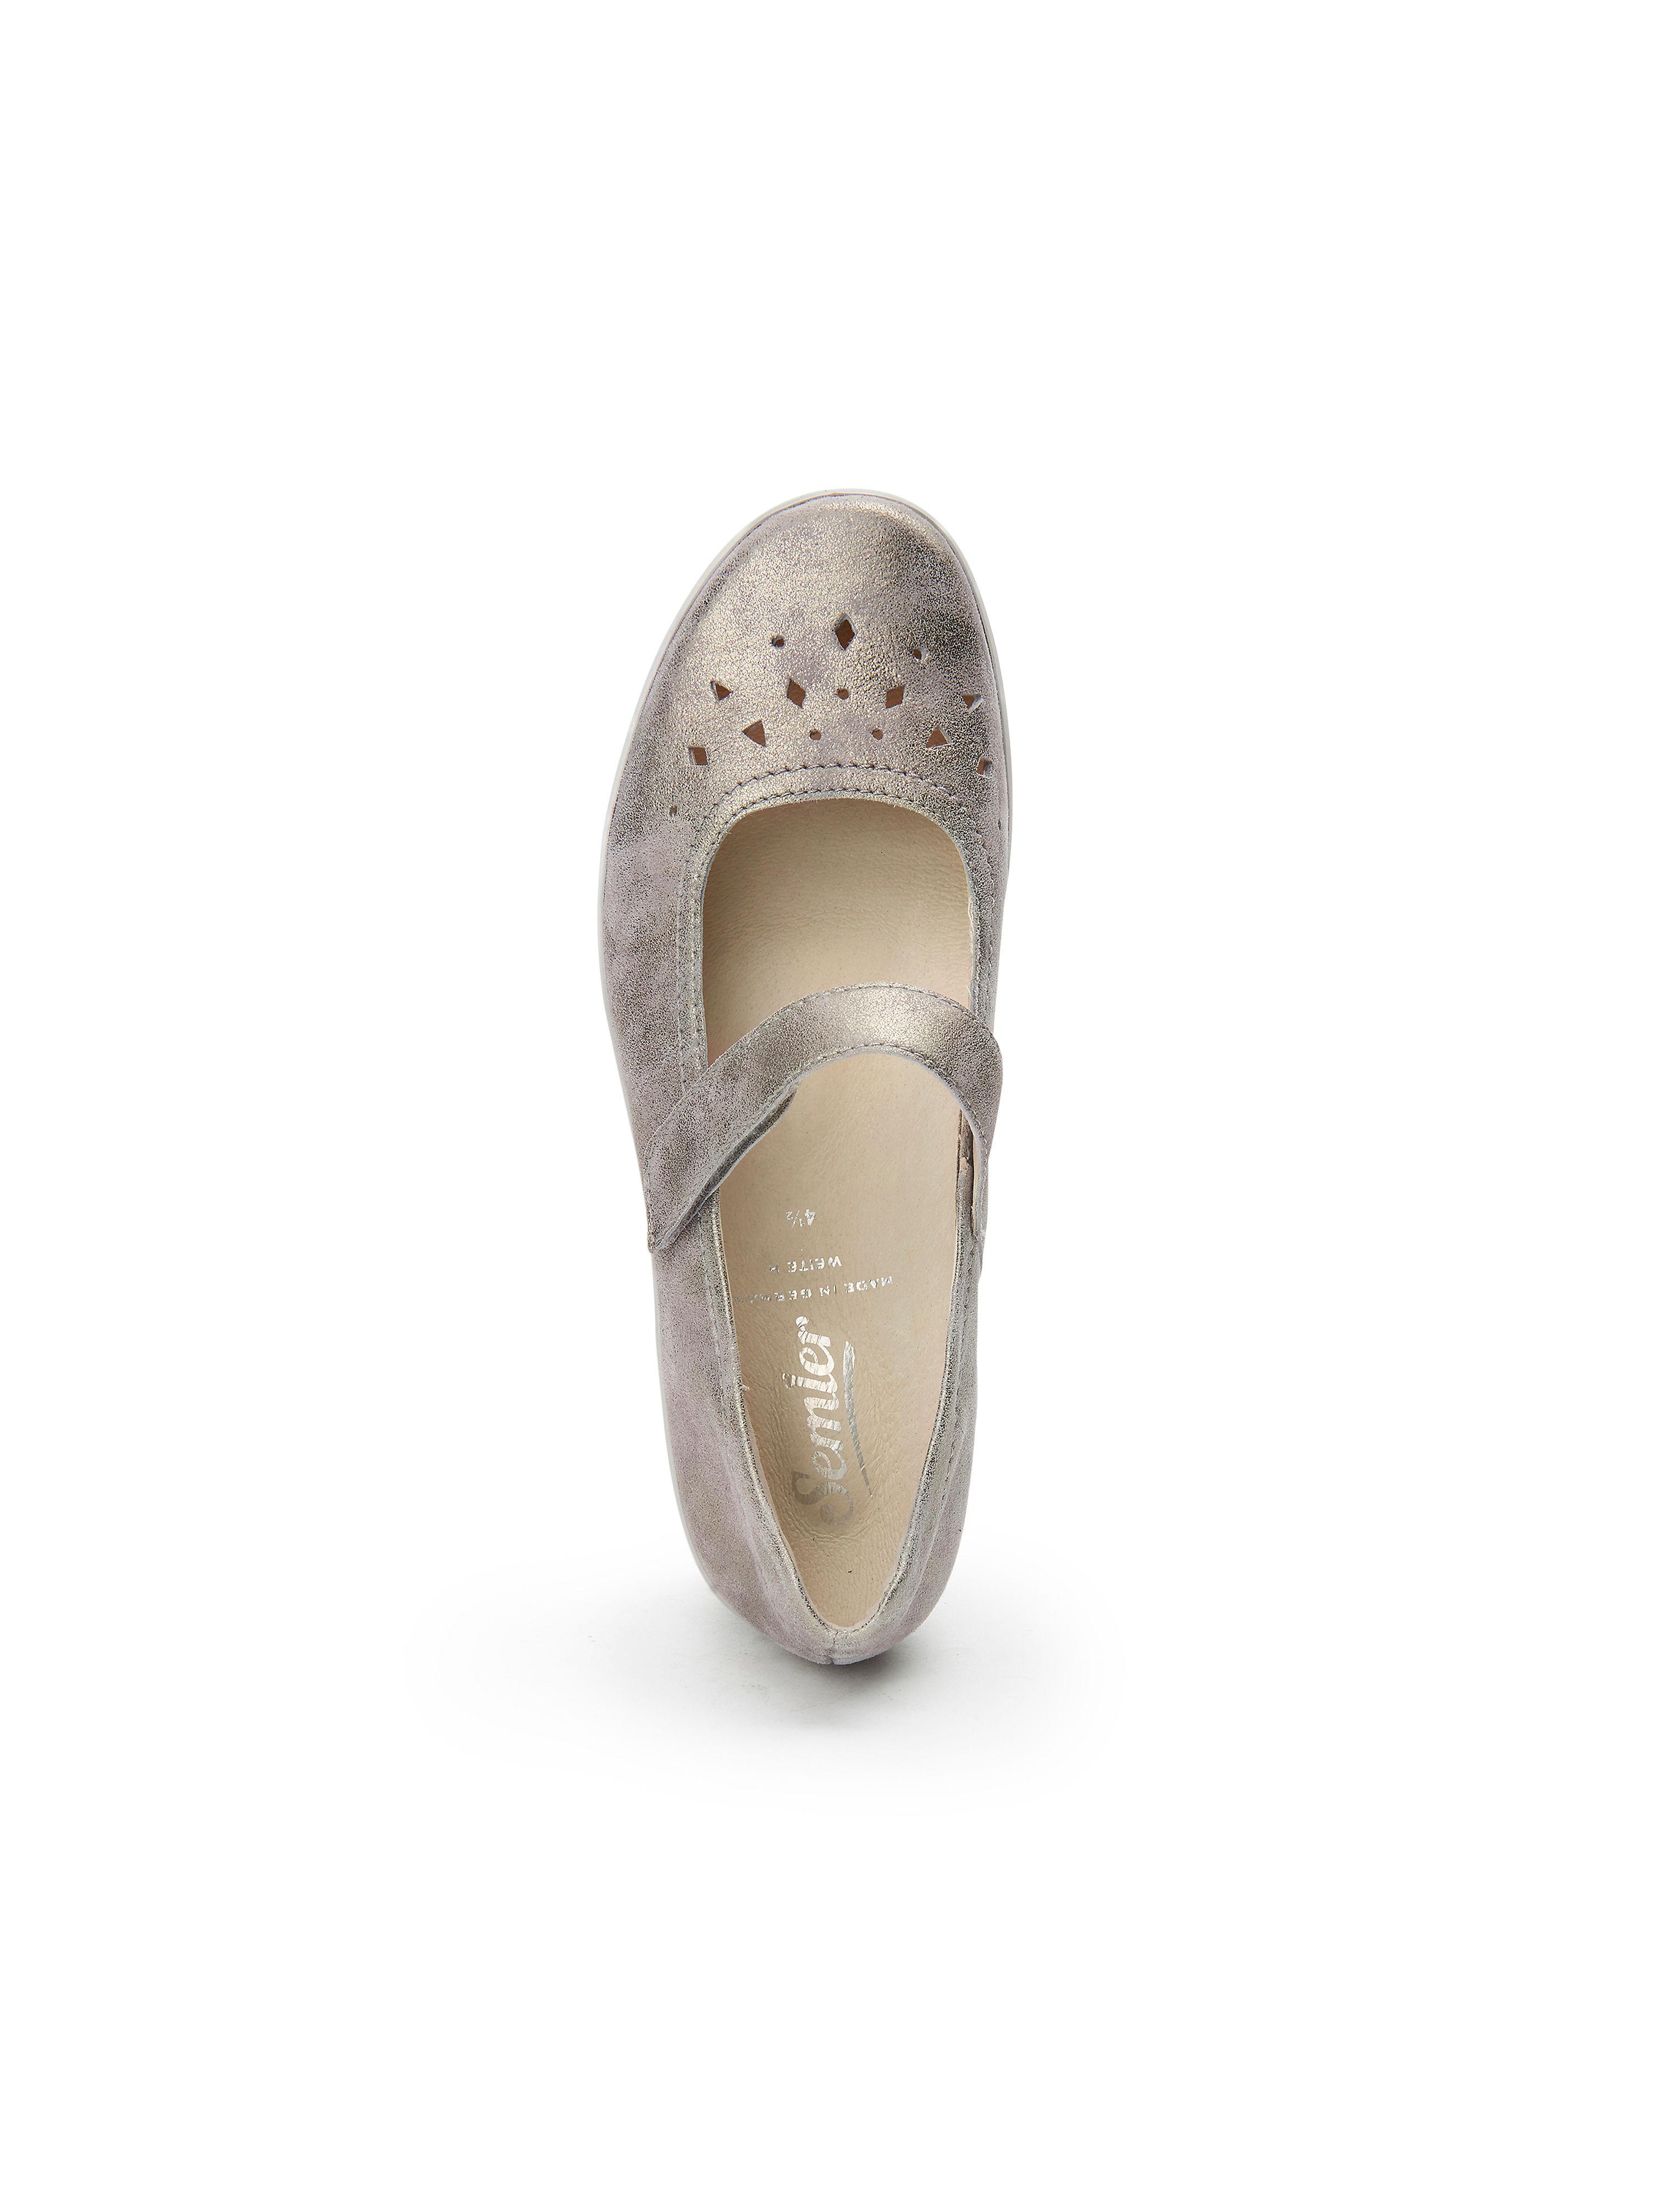 Semler 100% - Ballerina Judith aus 100% Semler Leder - Taupe-Metallic Gute Qualität beliebte Schuhe 1ff44f